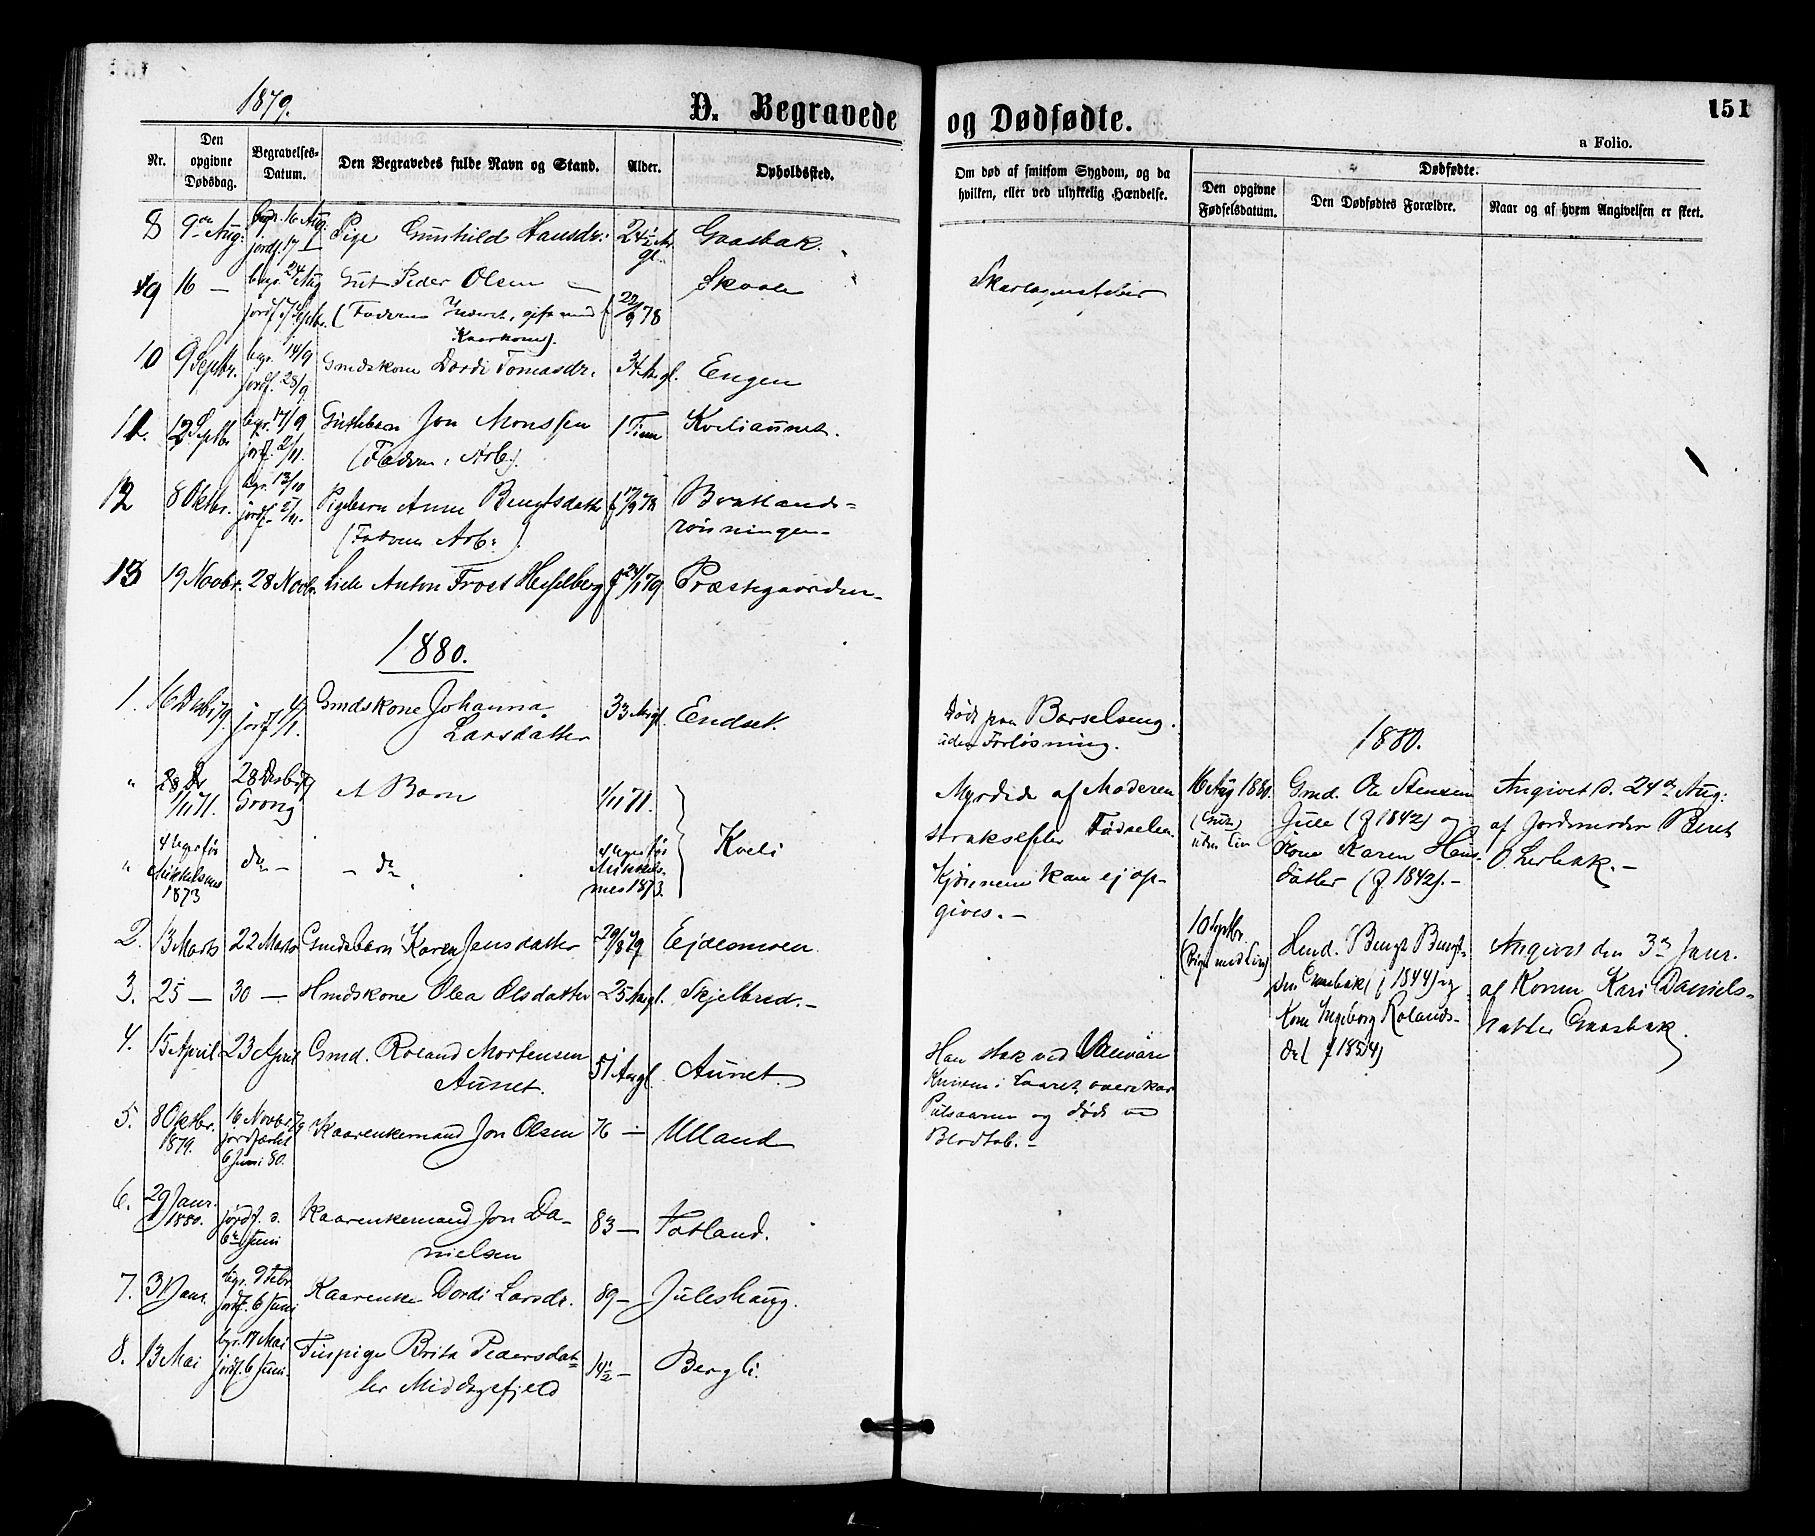 SAT, Ministerialprotokoller, klokkerbøker og fødselsregistre - Nord-Trøndelag, 755/L0493: Ministerialbok nr. 755A02, 1865-1881, s. 151